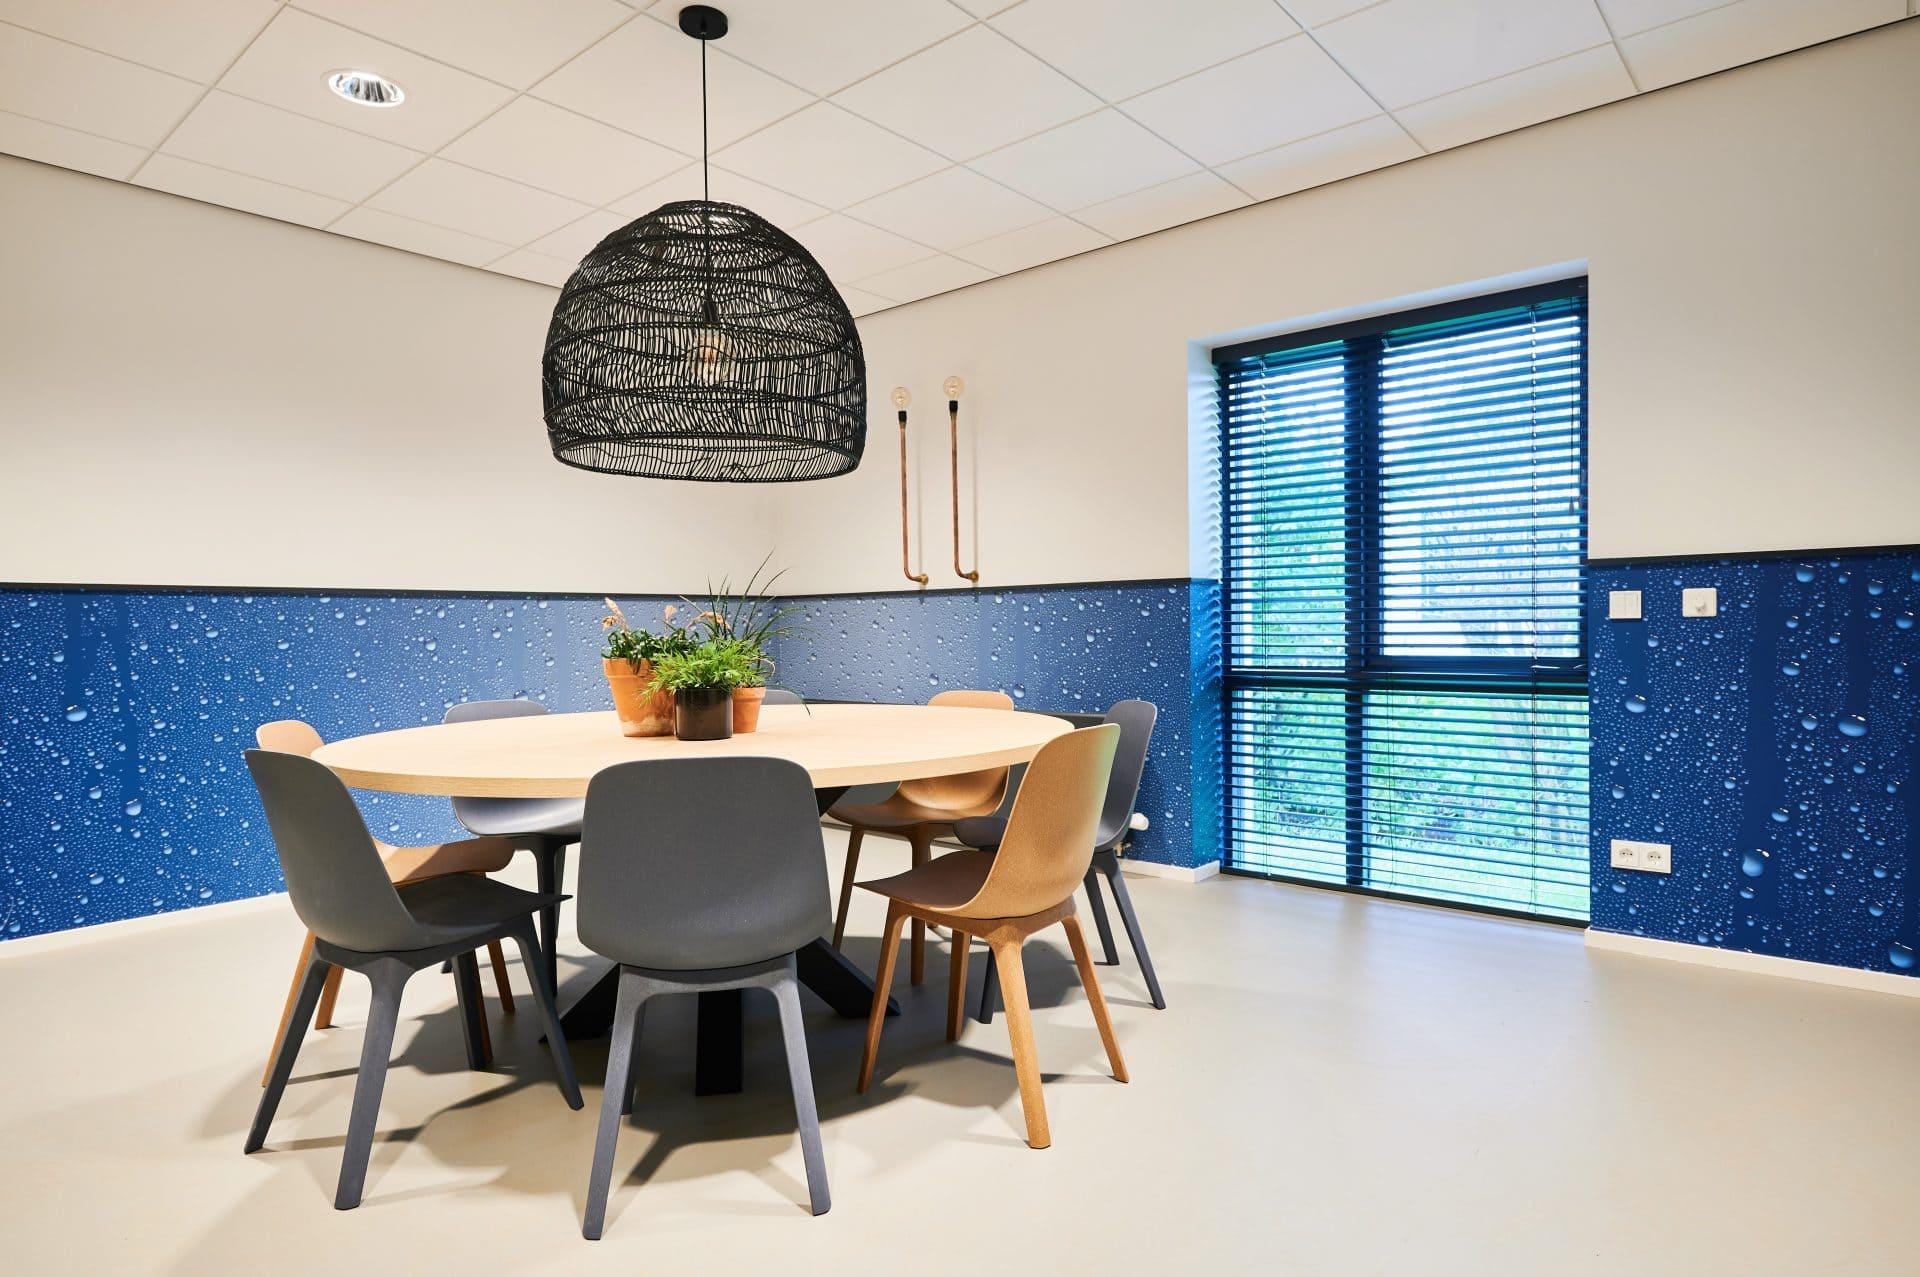 interieurontwerp resultaat kantoor kantine installatiebedrijf